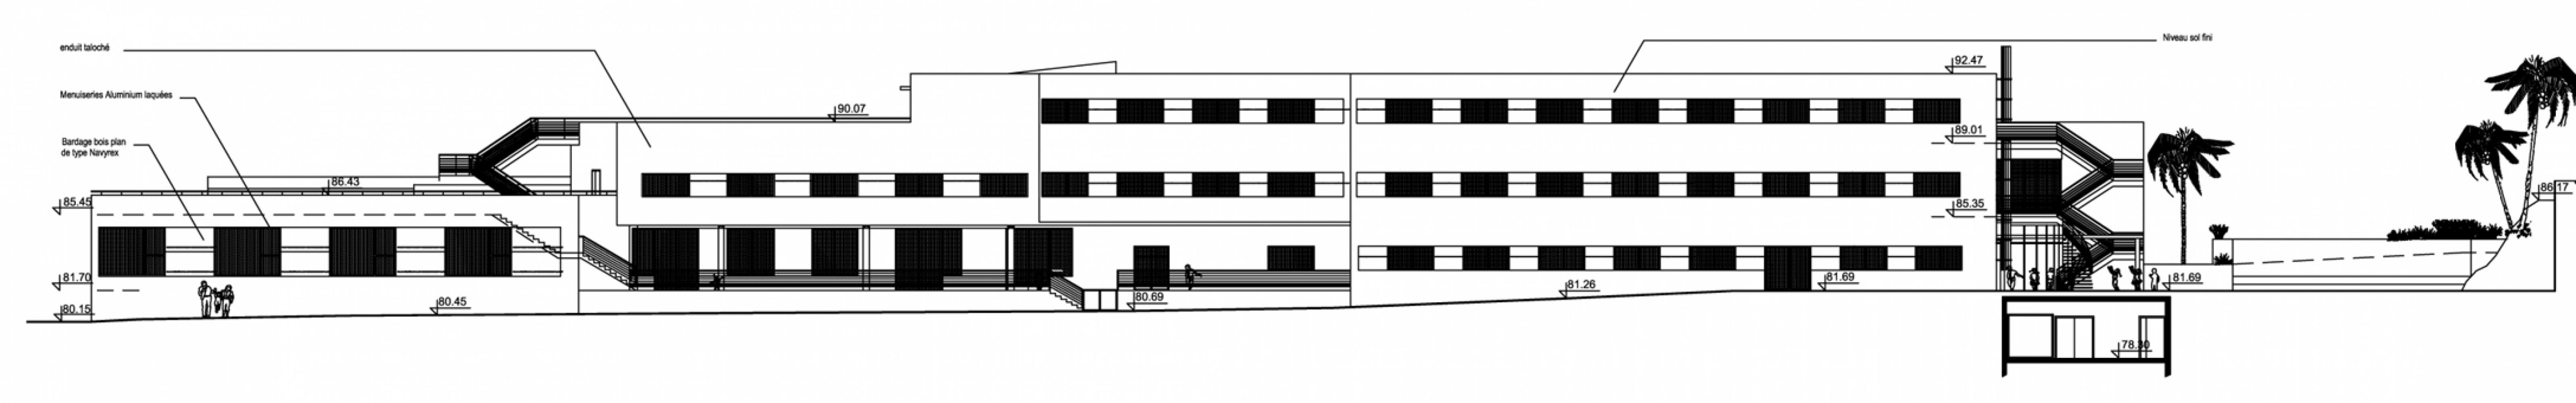 trinite01 Pascale SEURIN Architecte - Pascale SEURIN Architecte